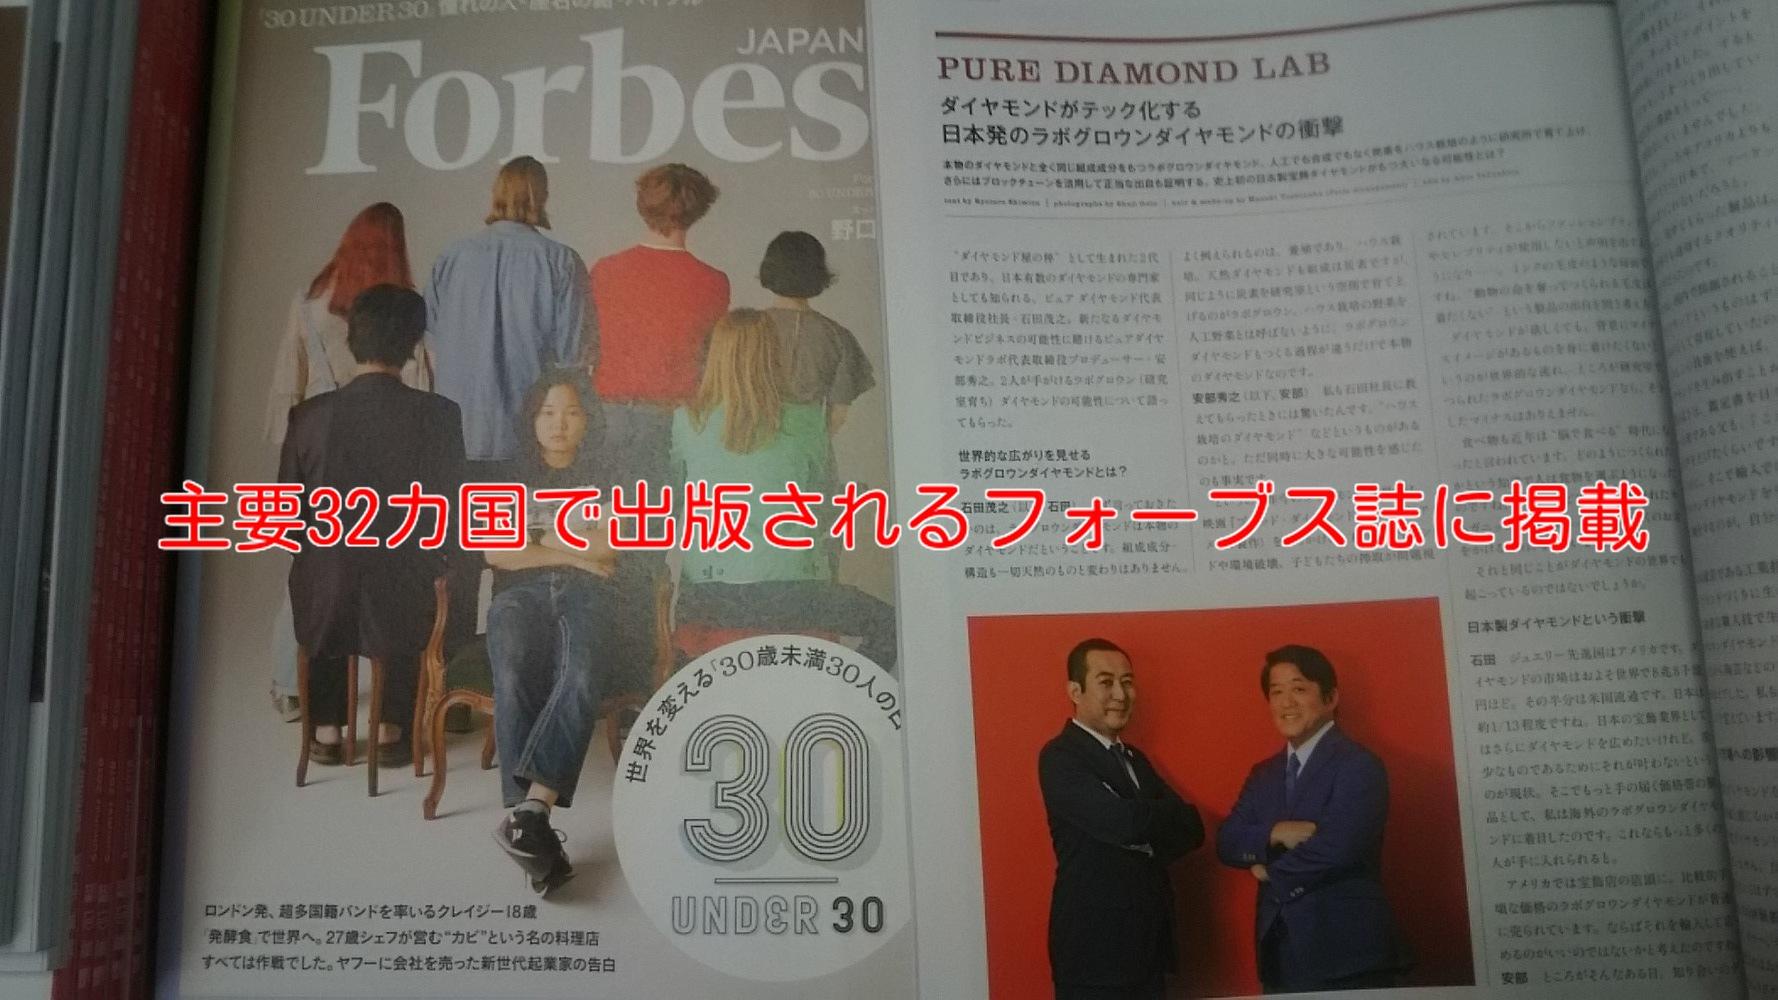 ピュアダイヤモンドコインが雑誌に掲載